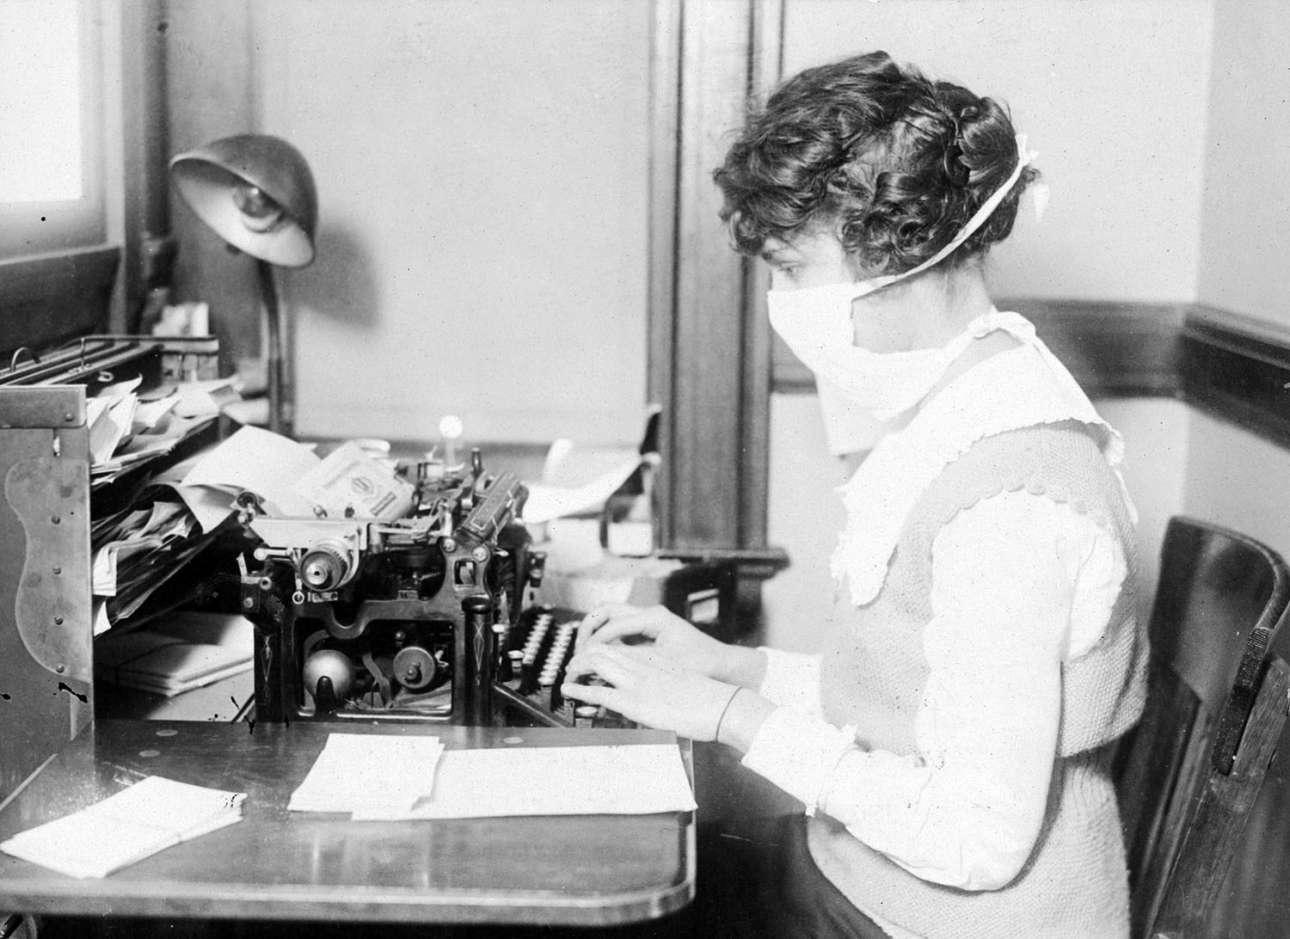 Δακτυλογράφος που φορά την ειδική μάσκα κατά της γρίπης εν ώρα εργασίας τον Οκτώβριο του 1918. Η ανησυχία για τη διάδοση της γρίπης στη Νέα Υόρκη, ανάγκασε όλους τους εργαζομένους να φορούν τις συγκεκριμένες μάσκες ενώ βρίσκονταν στη δουλειά τους